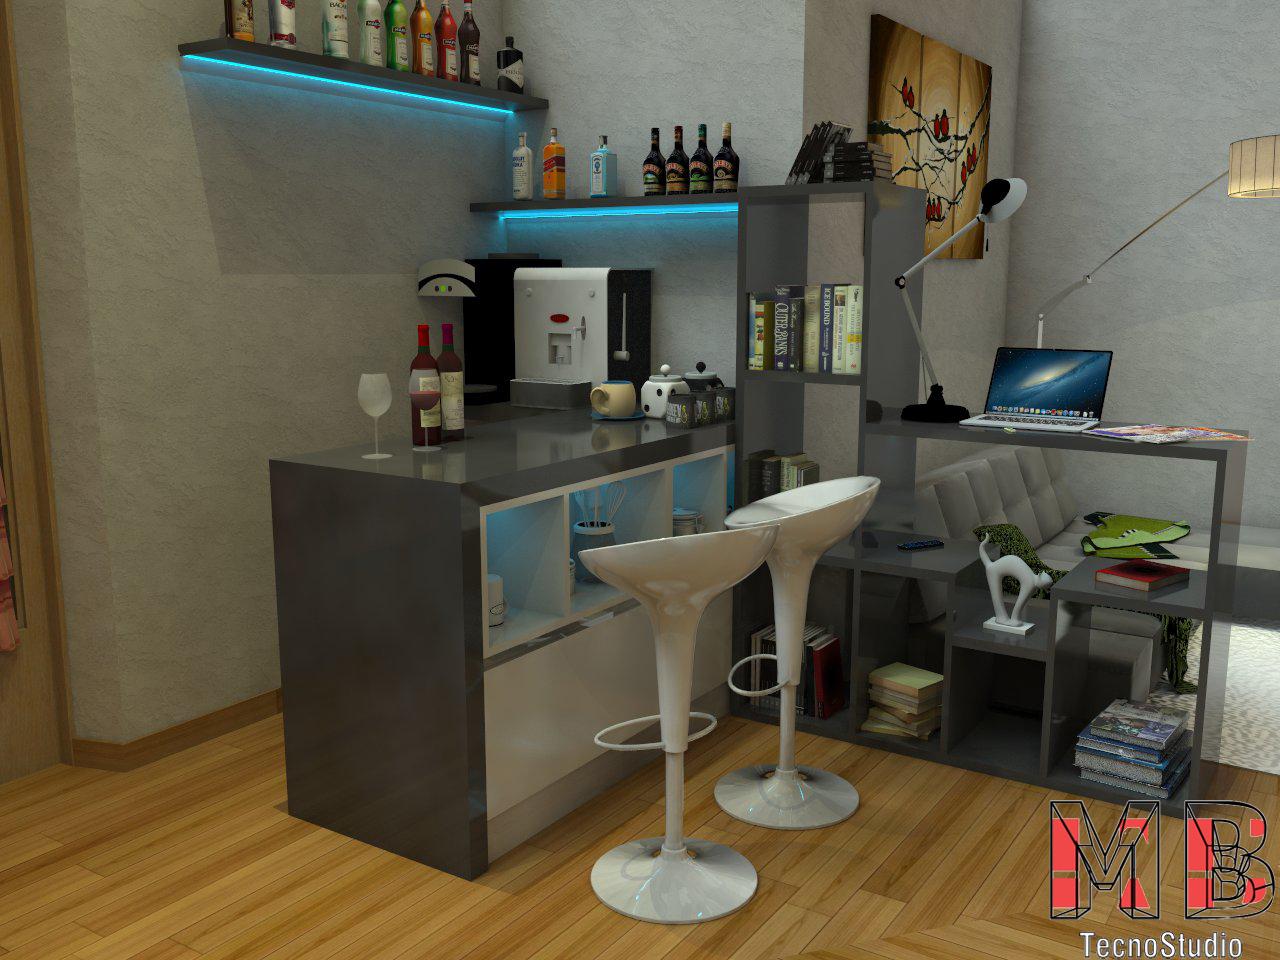 Arredo soggiorno angolo bar libreria mb tecnostudio for Arredo soggiorno